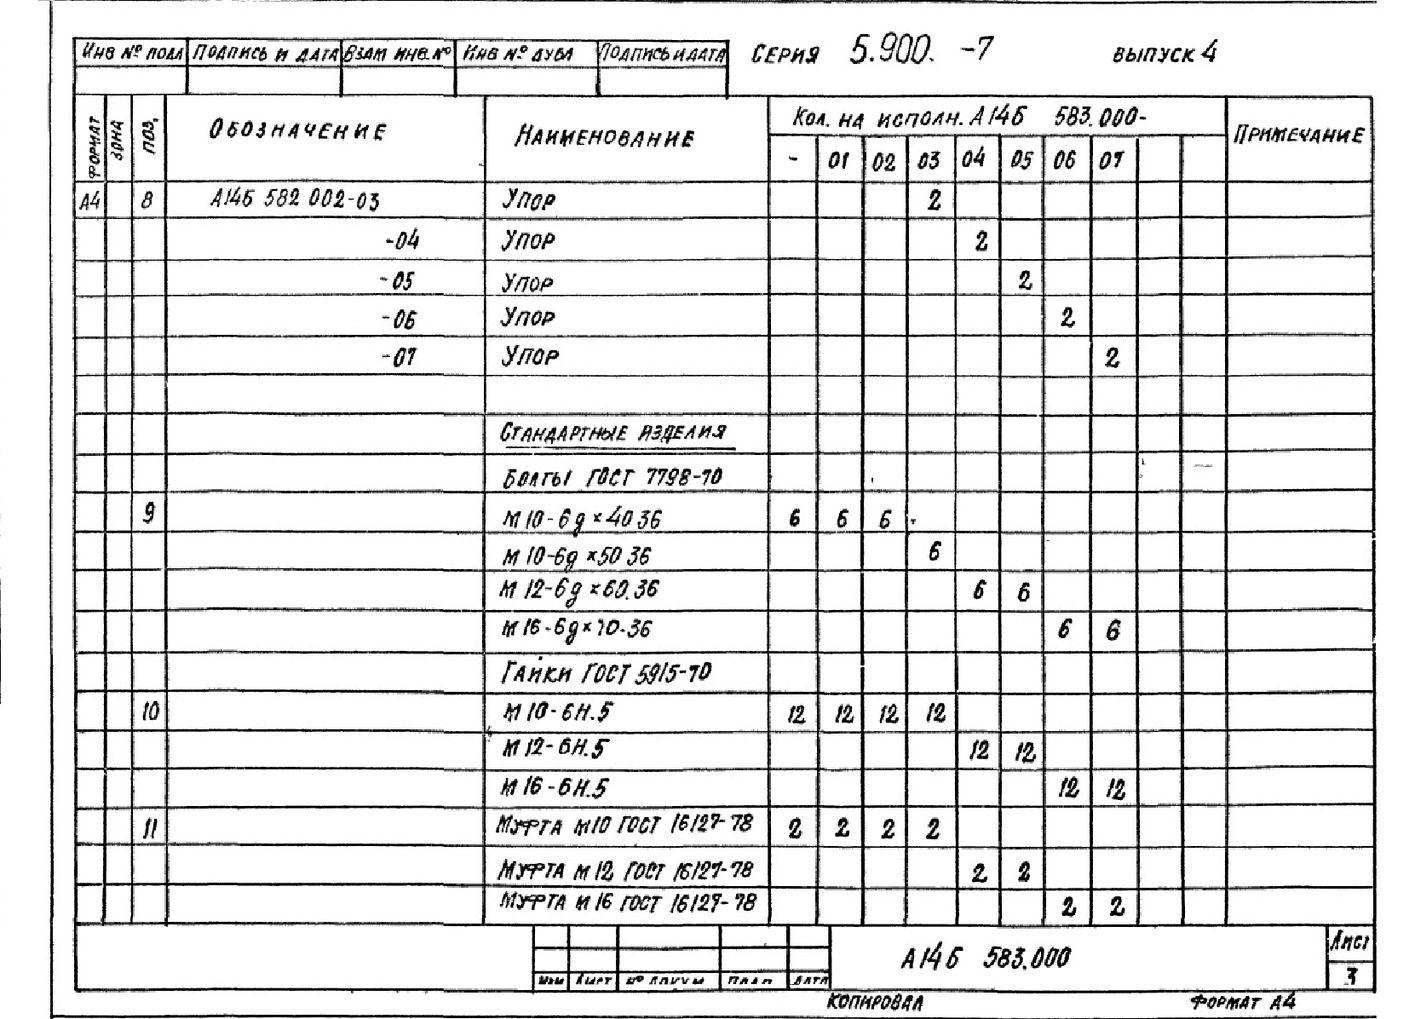 Опора подвесная А14Б 583.000 СБ Серия 5.900-7 выпуск 4 стр.3